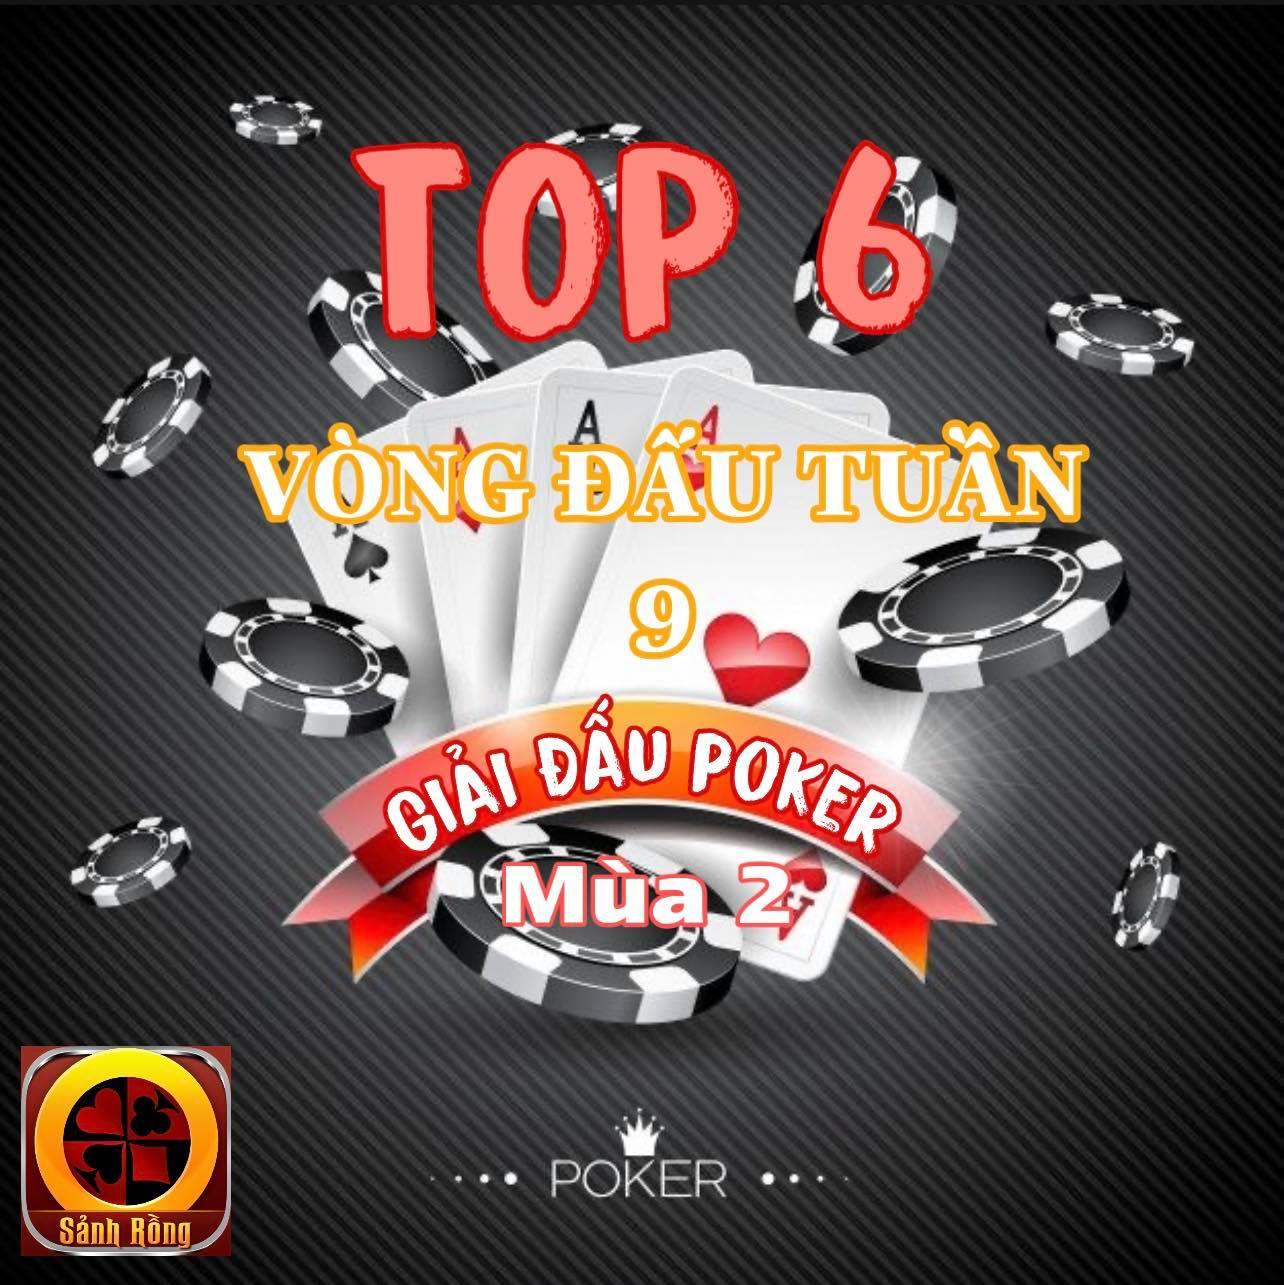 Lộ diện danh sách Top 6 người chơi tham gia Vòng đấu Tuần 9 của Giải Đấu Poker Mùa 2